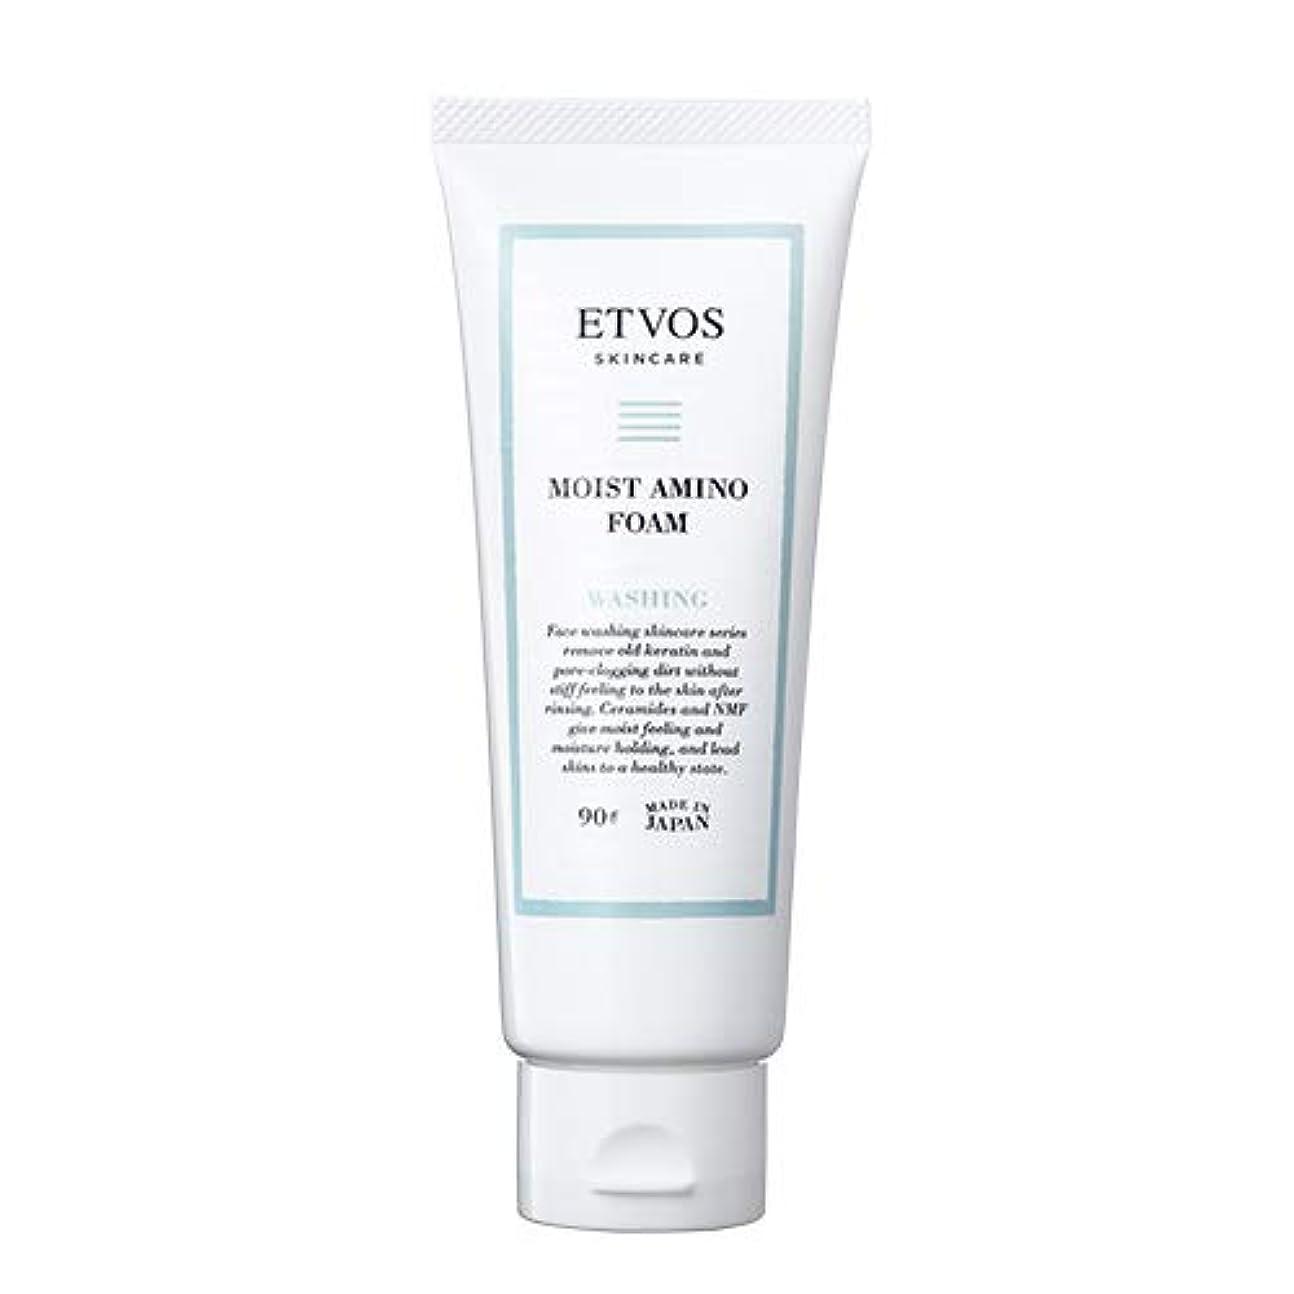 徒歩で同一の火薬ETVOS(エトヴォス) 洗顔フォーム モイストアミノフォーム 90g ヒト型セラミド アミノ酸系 乾燥肌/敏感肌